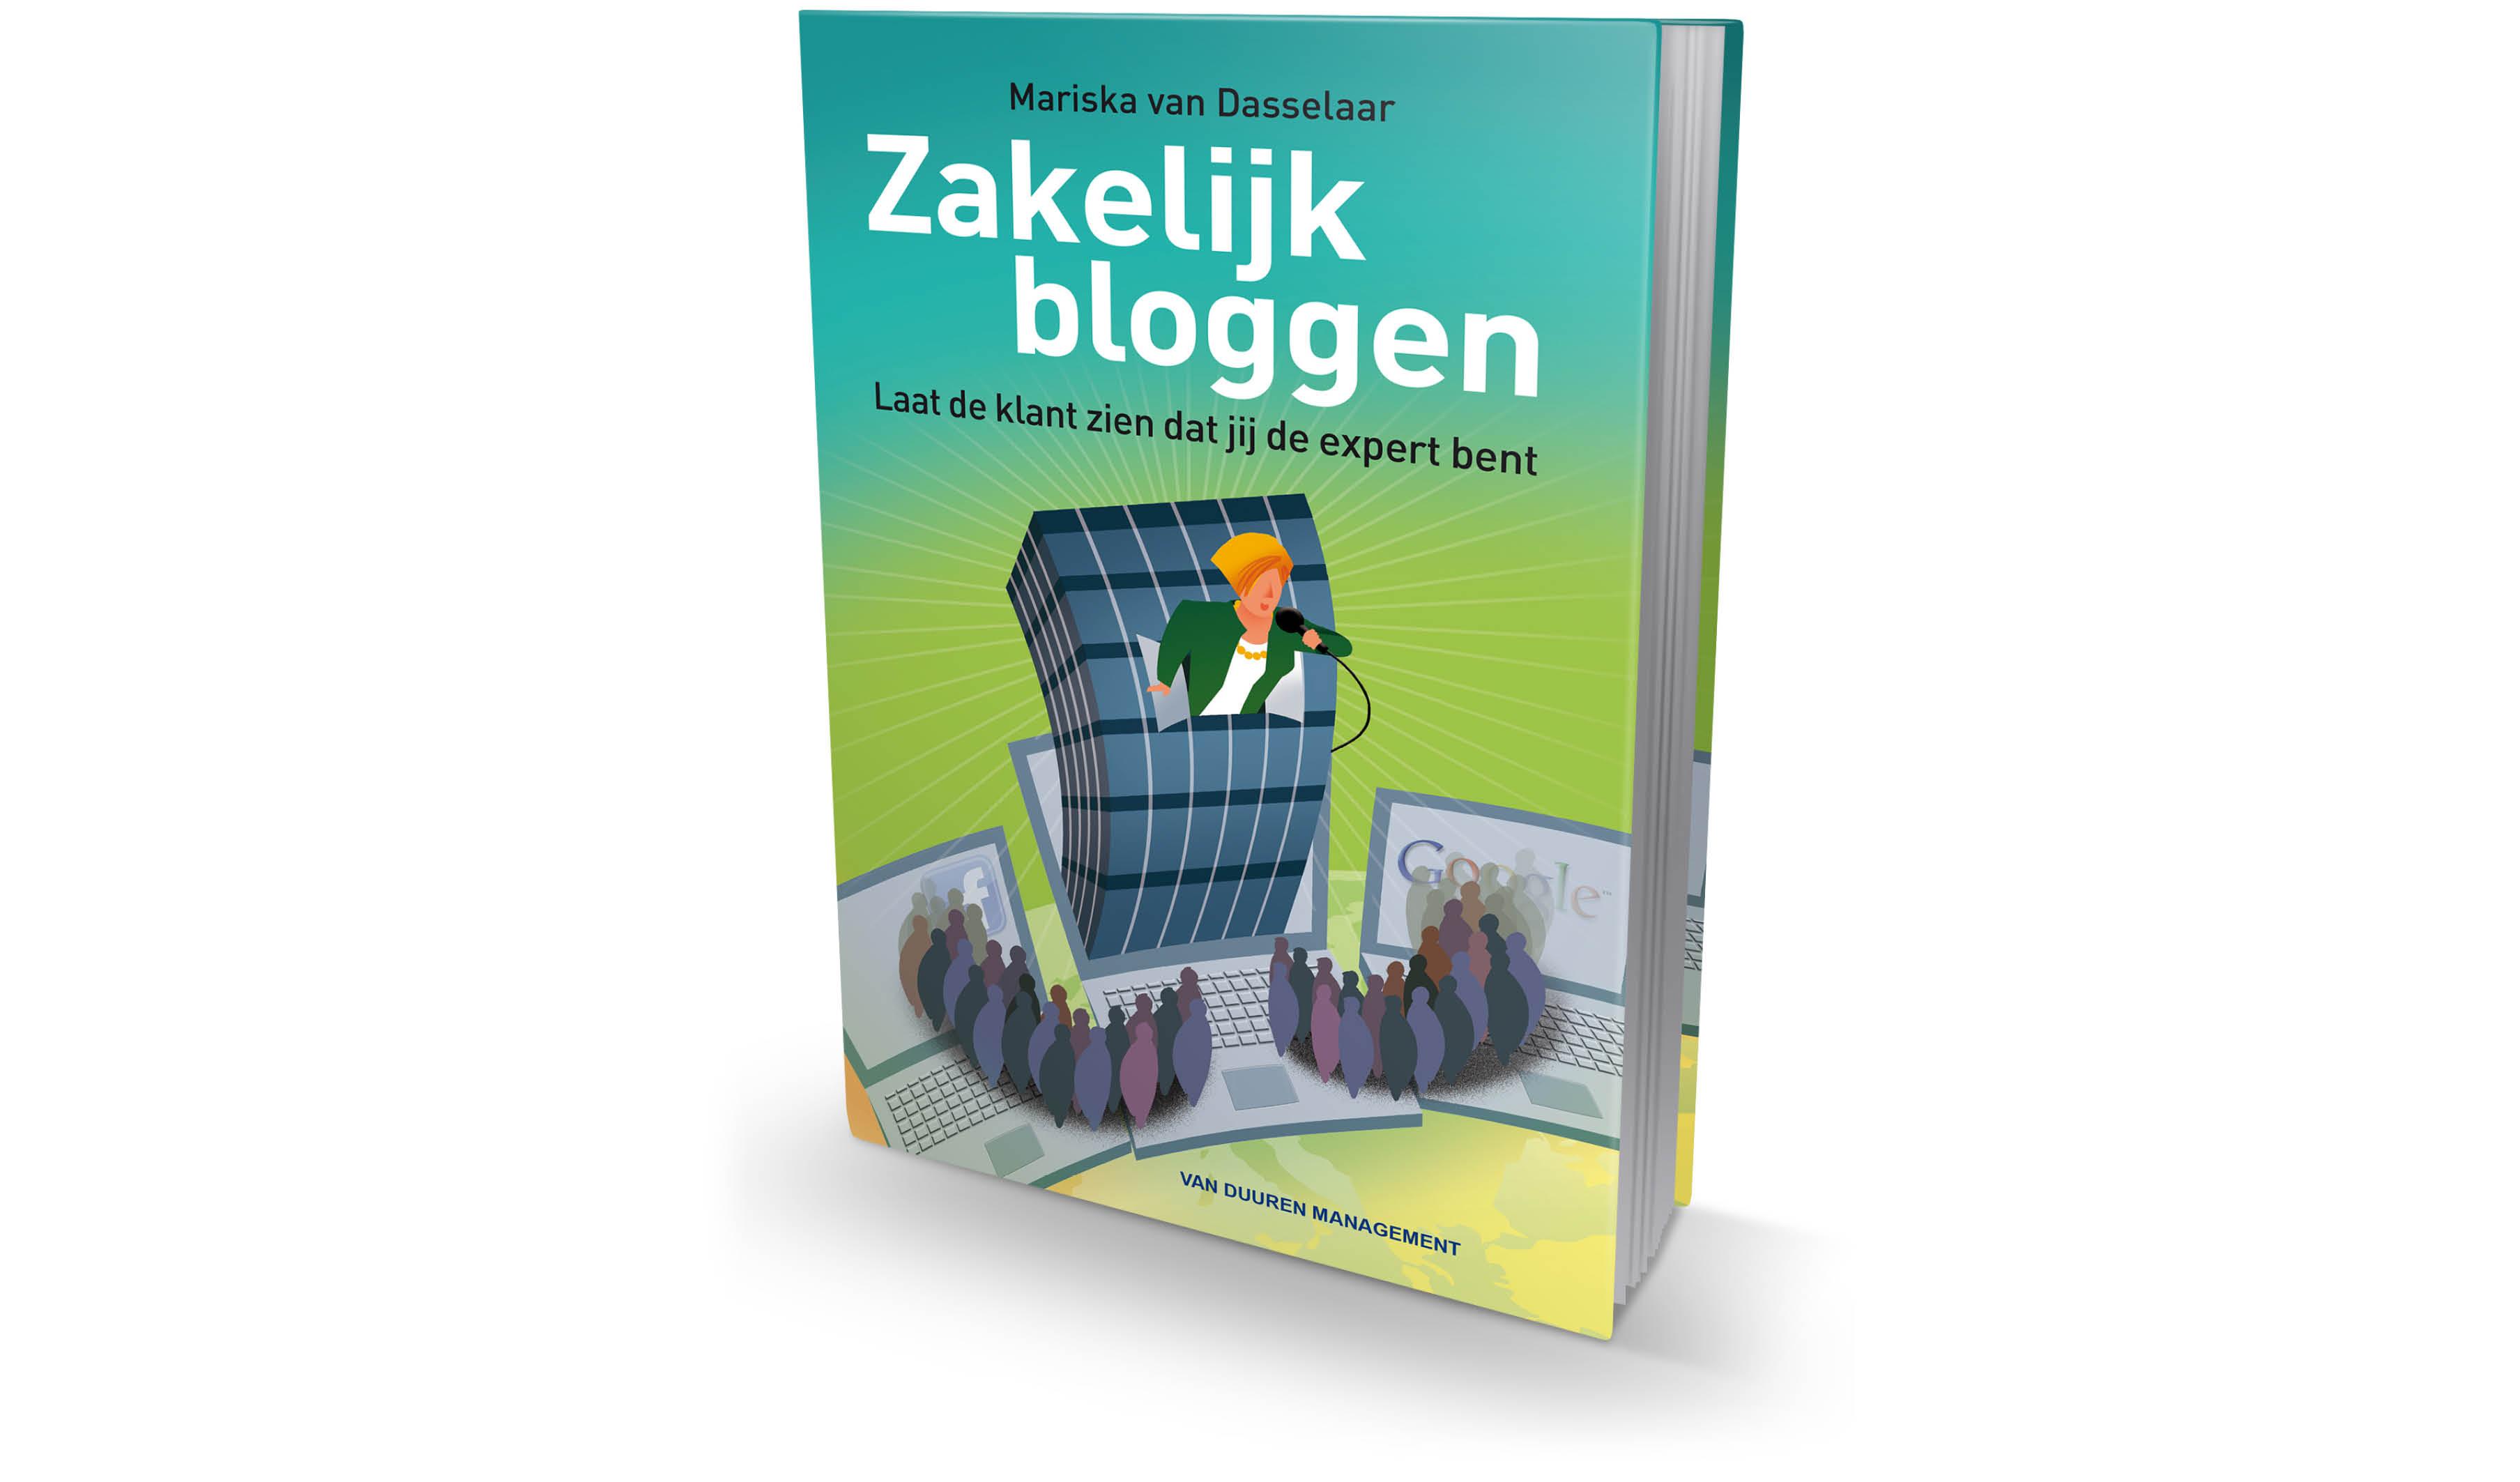 Boeken_81_306 x 180 pixels